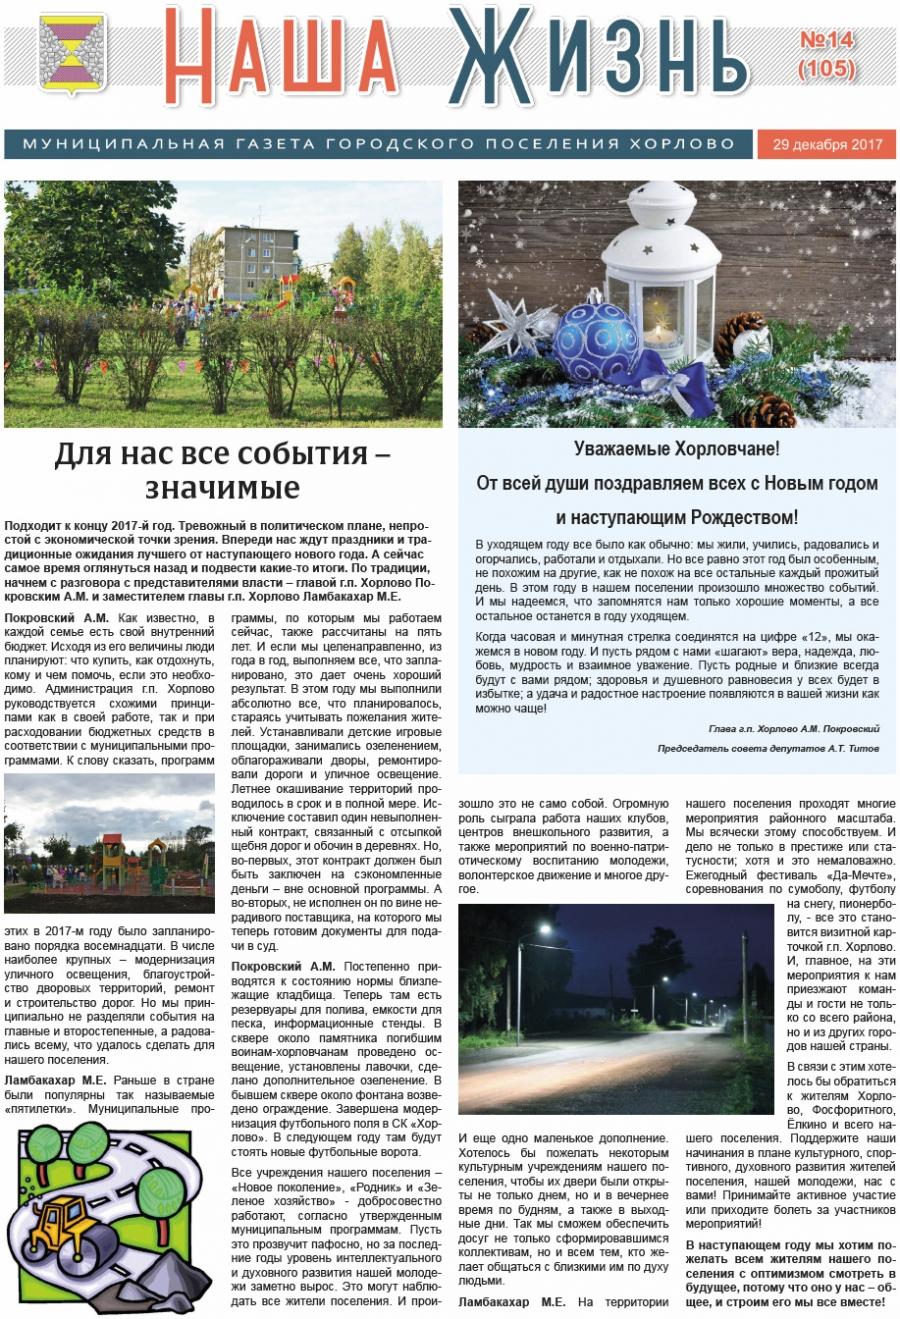 """Газета """"Наша жизнь"""" - 29 декабря 2017 года"""